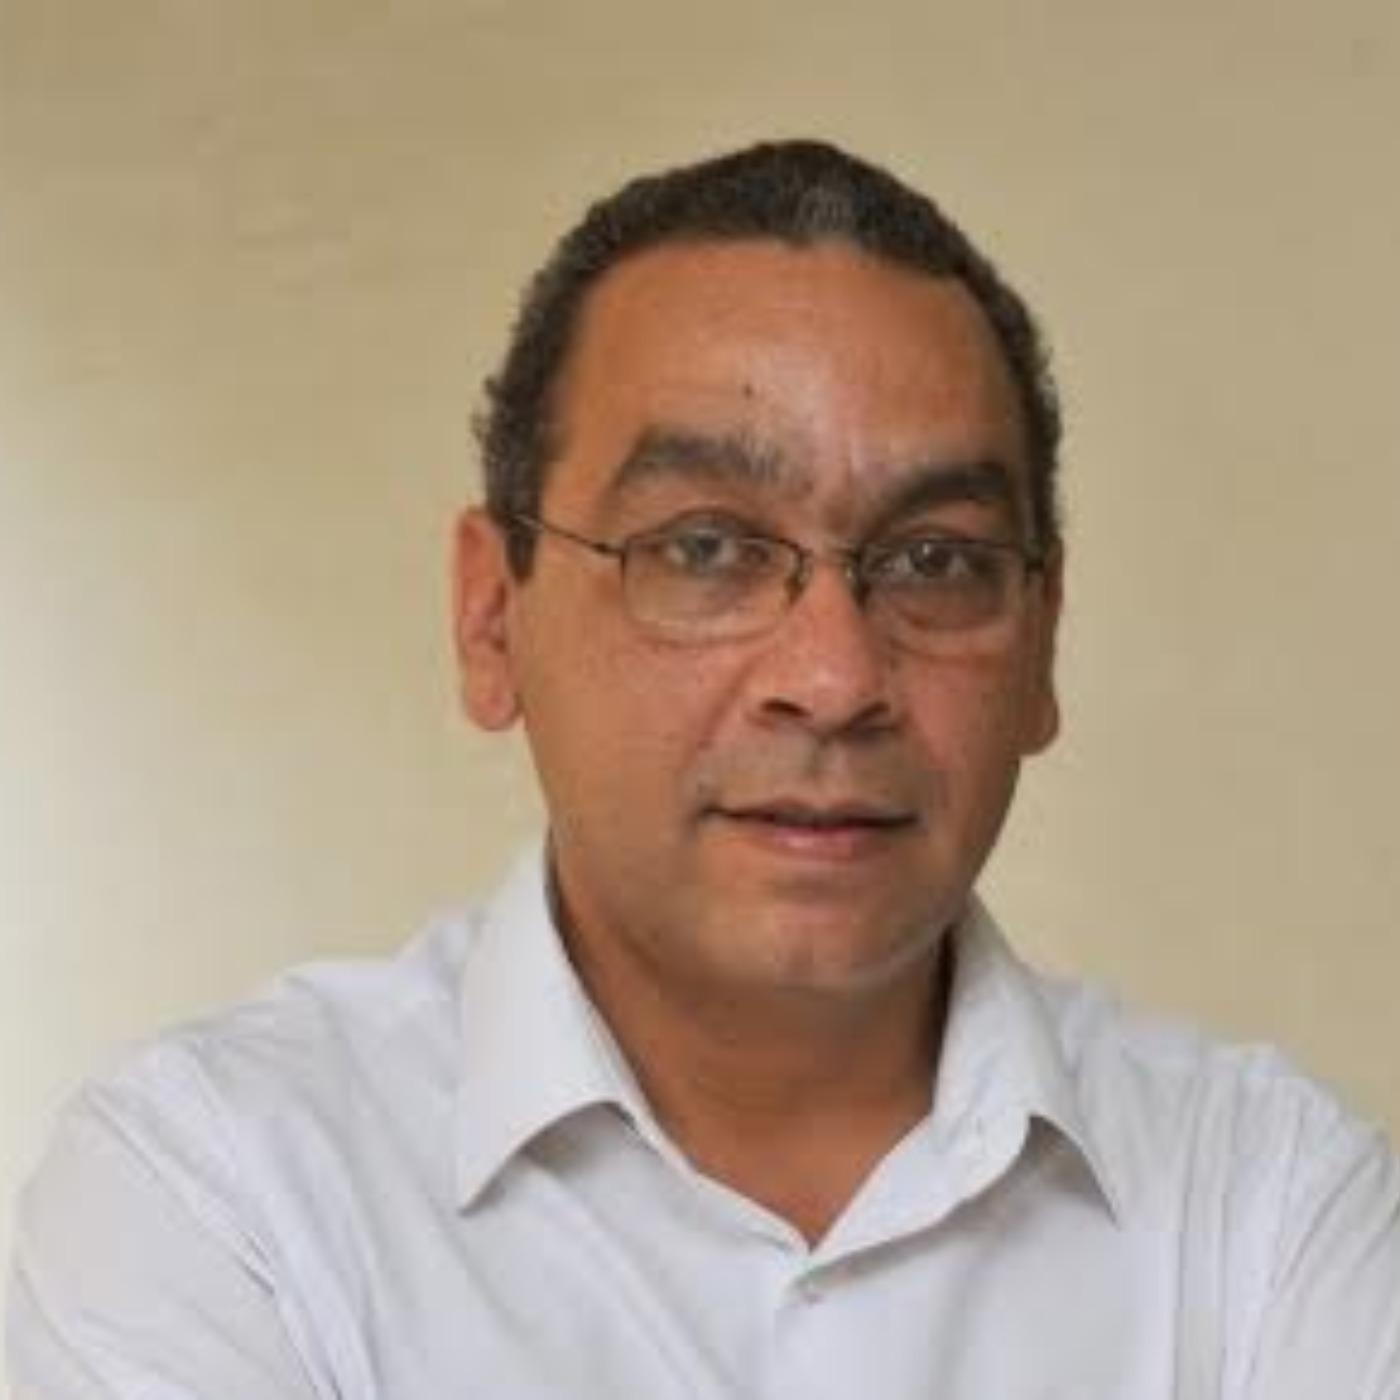 Parlement : après le quotient électoral, pourquoi pas une amnistie ?